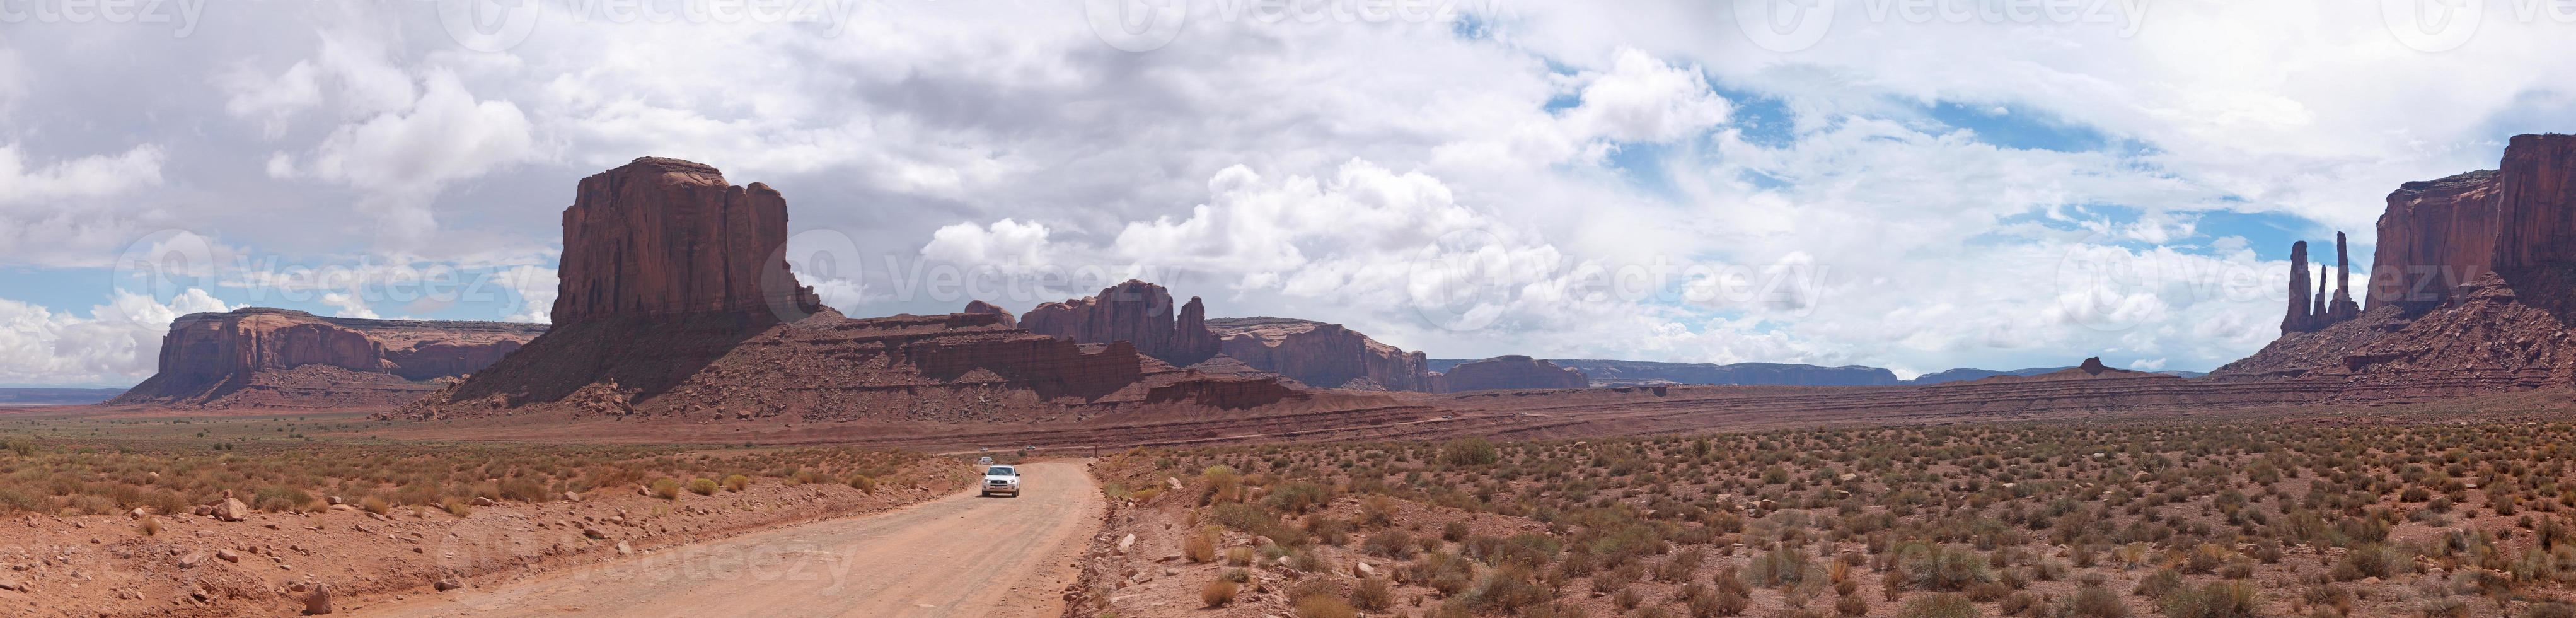 monument vallei panorama foto